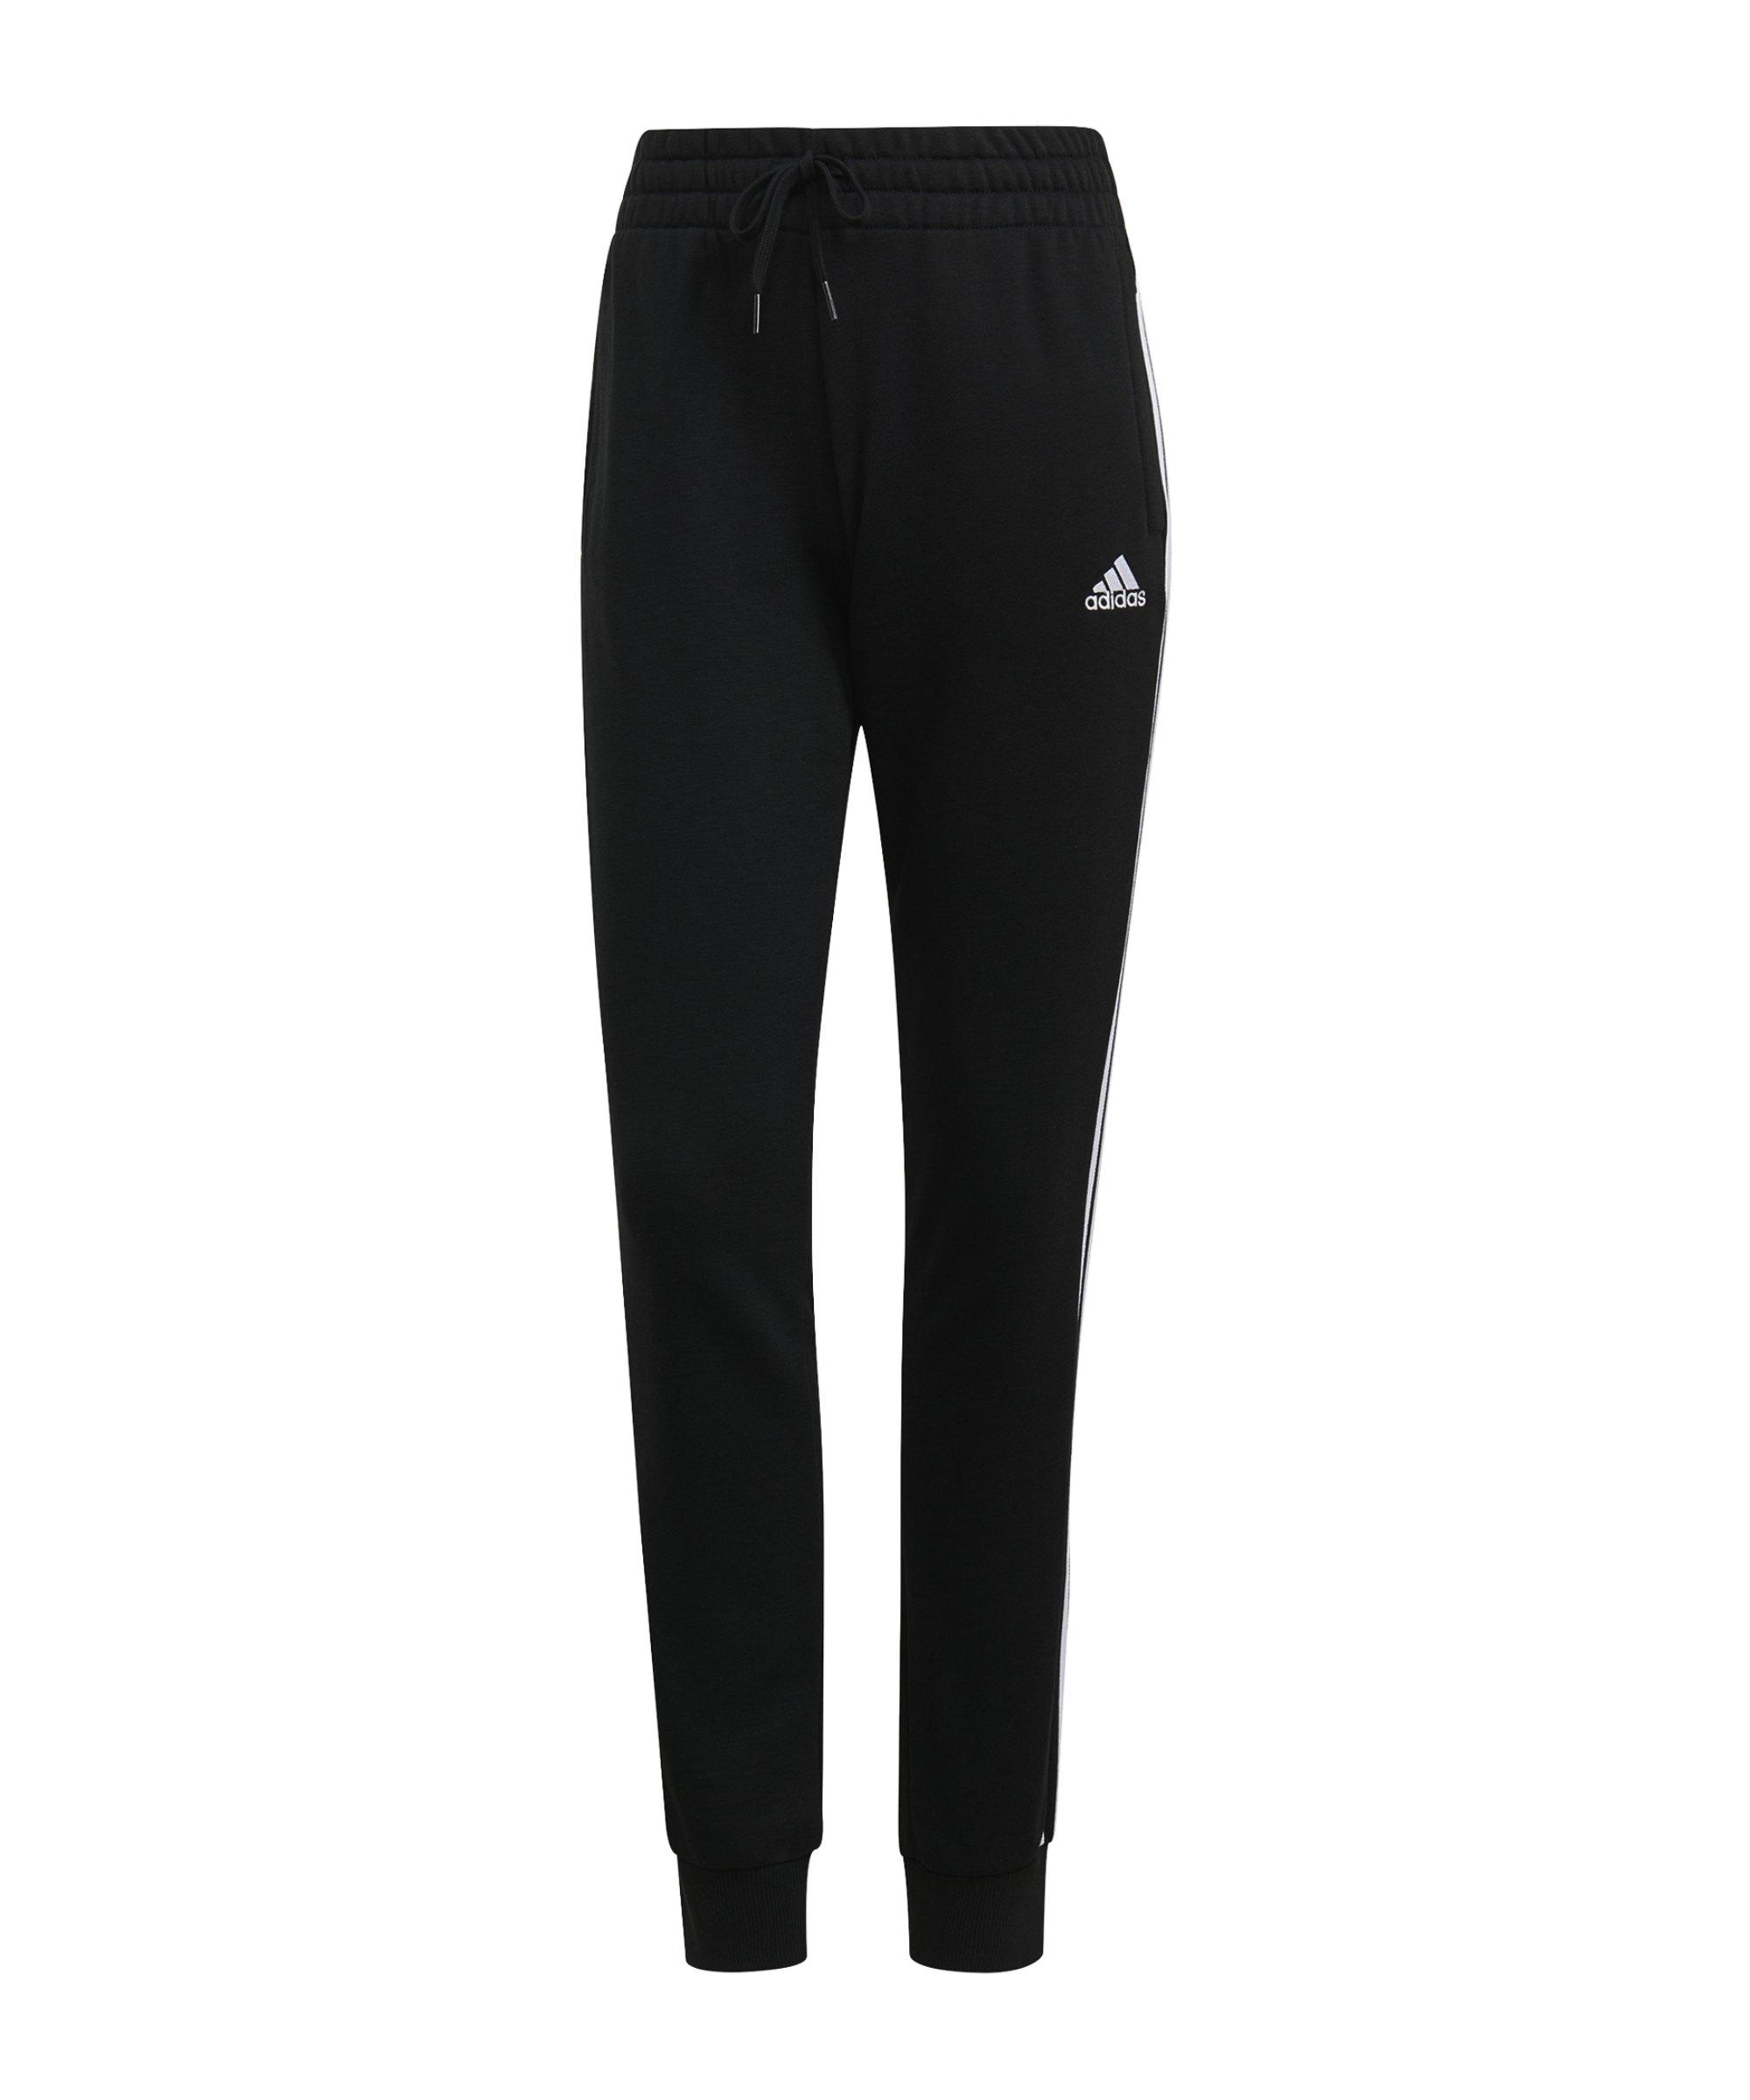 adidas Essentials Jogginghose Damen Schwarz Weiss - schwarz